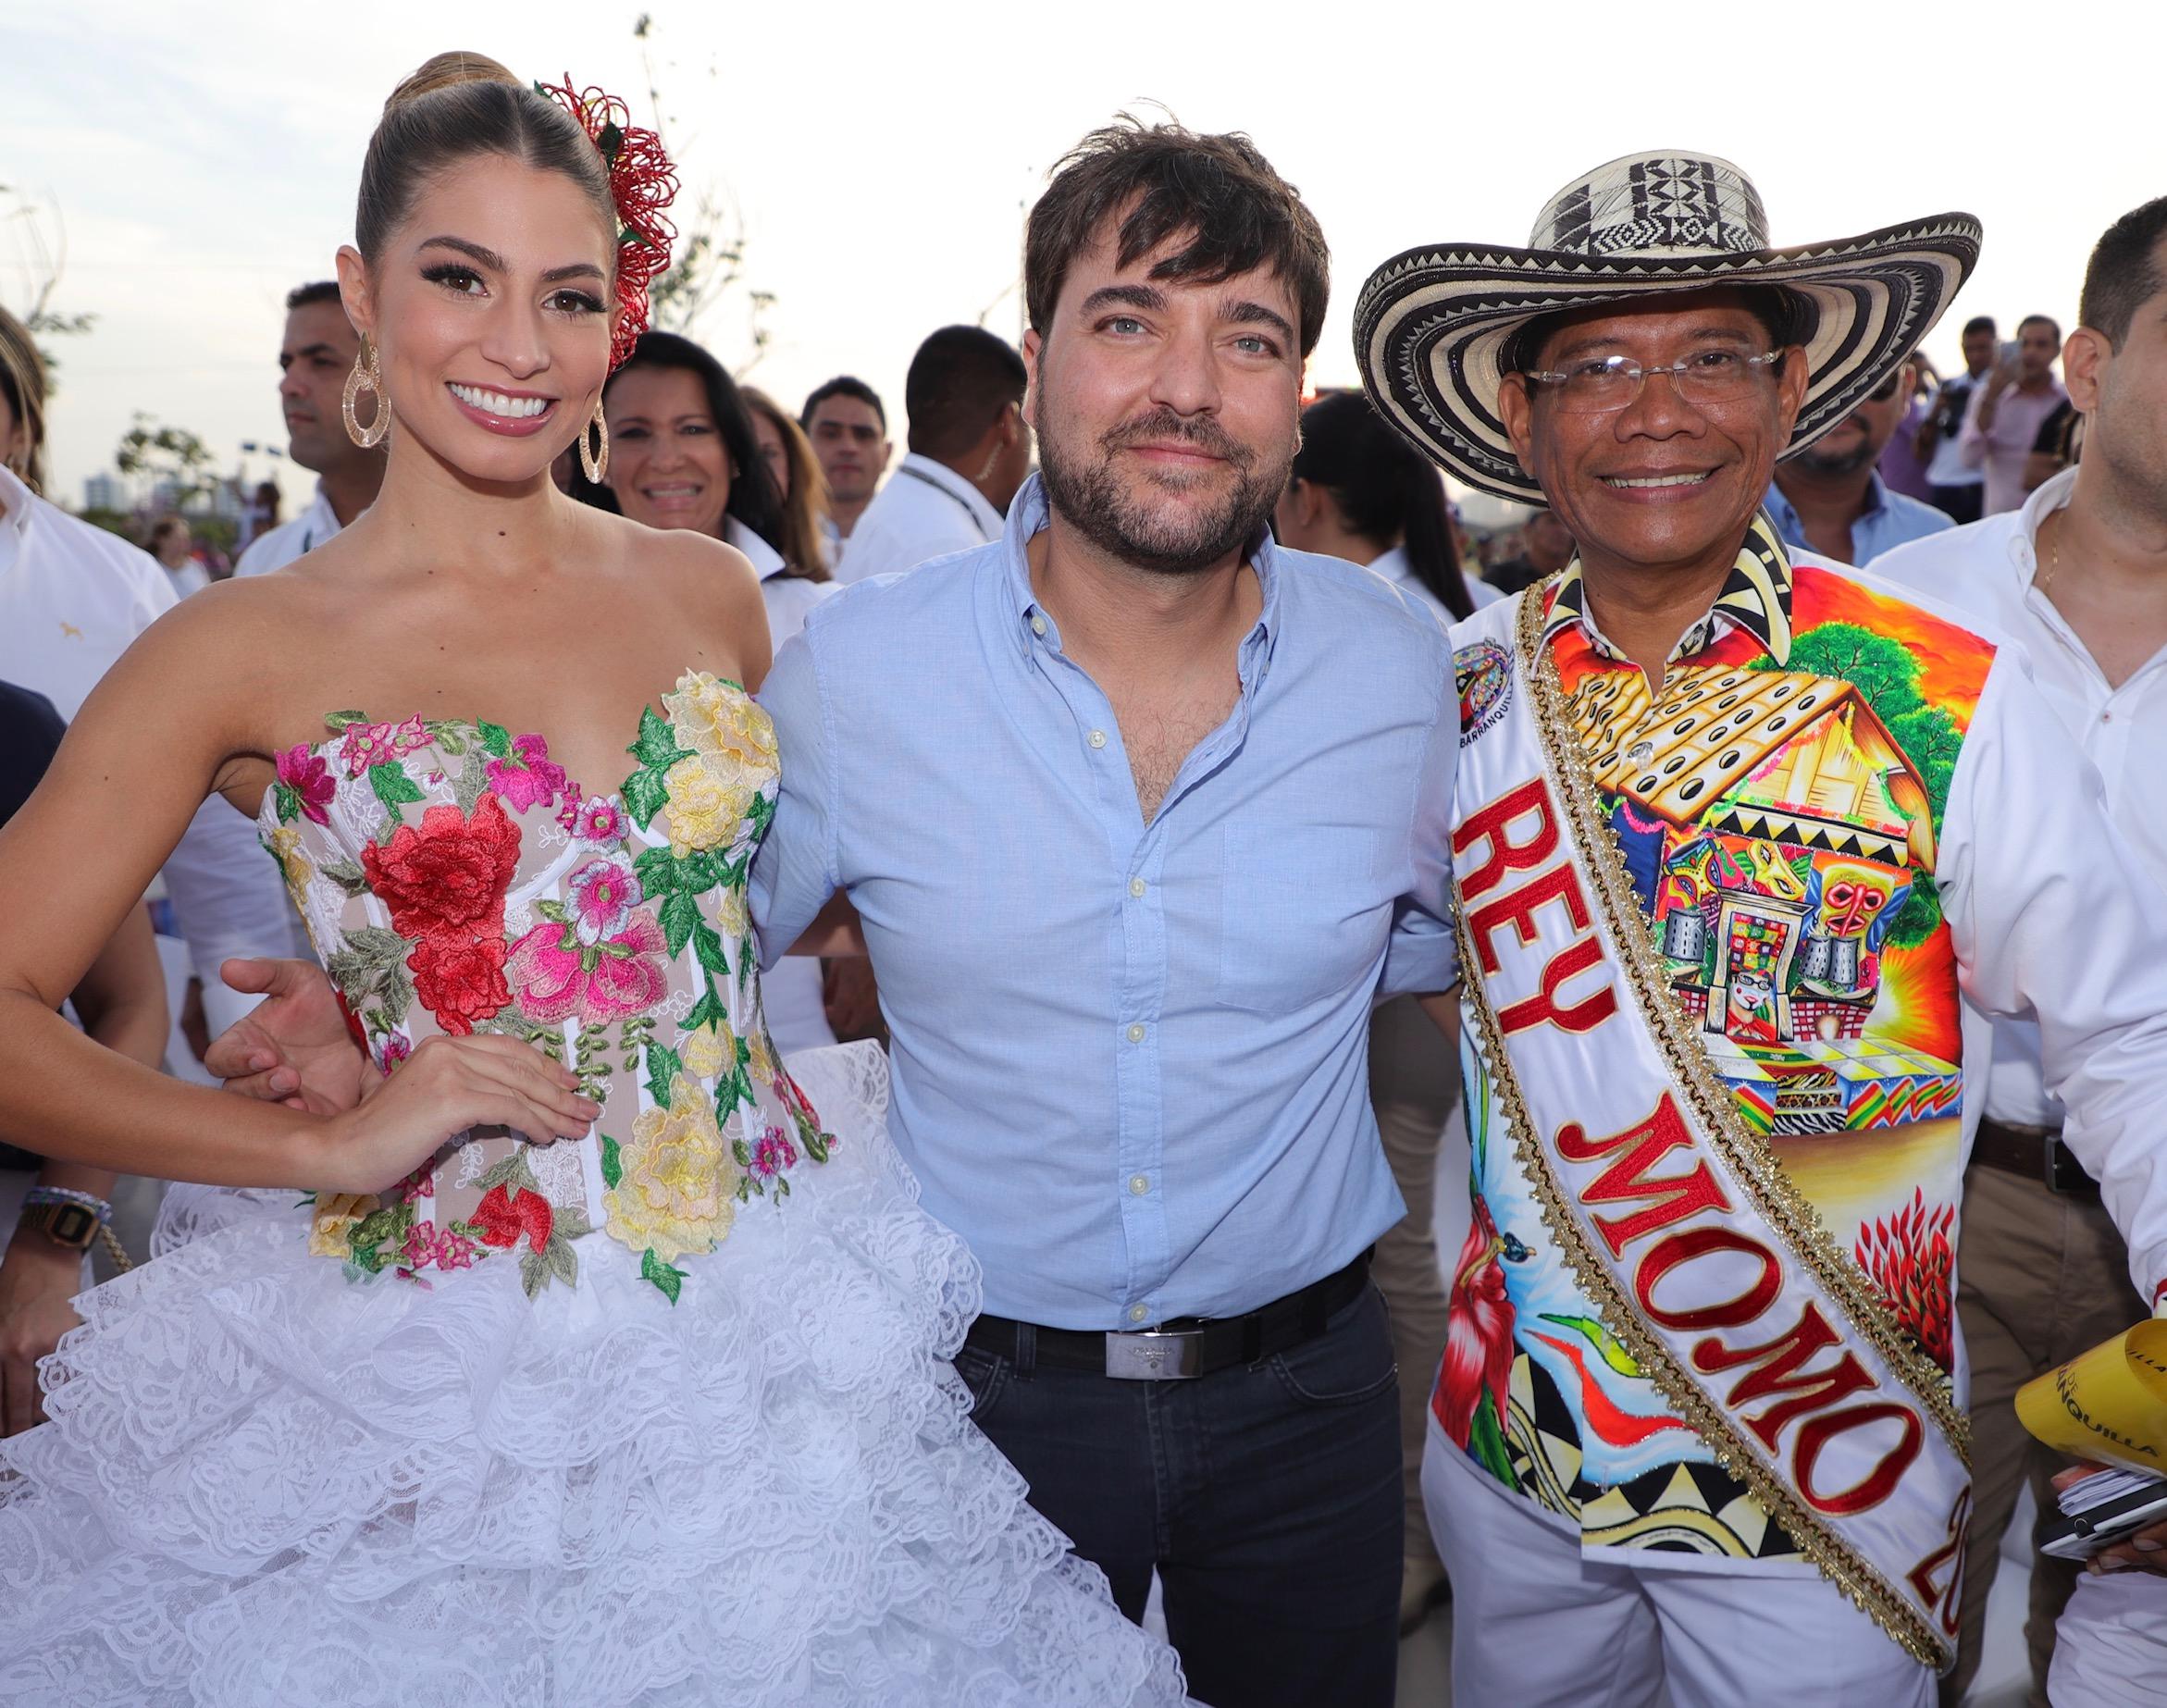 Isabella acompañó al alcalde Pumarejo, por un Carnaval 'Imparable'